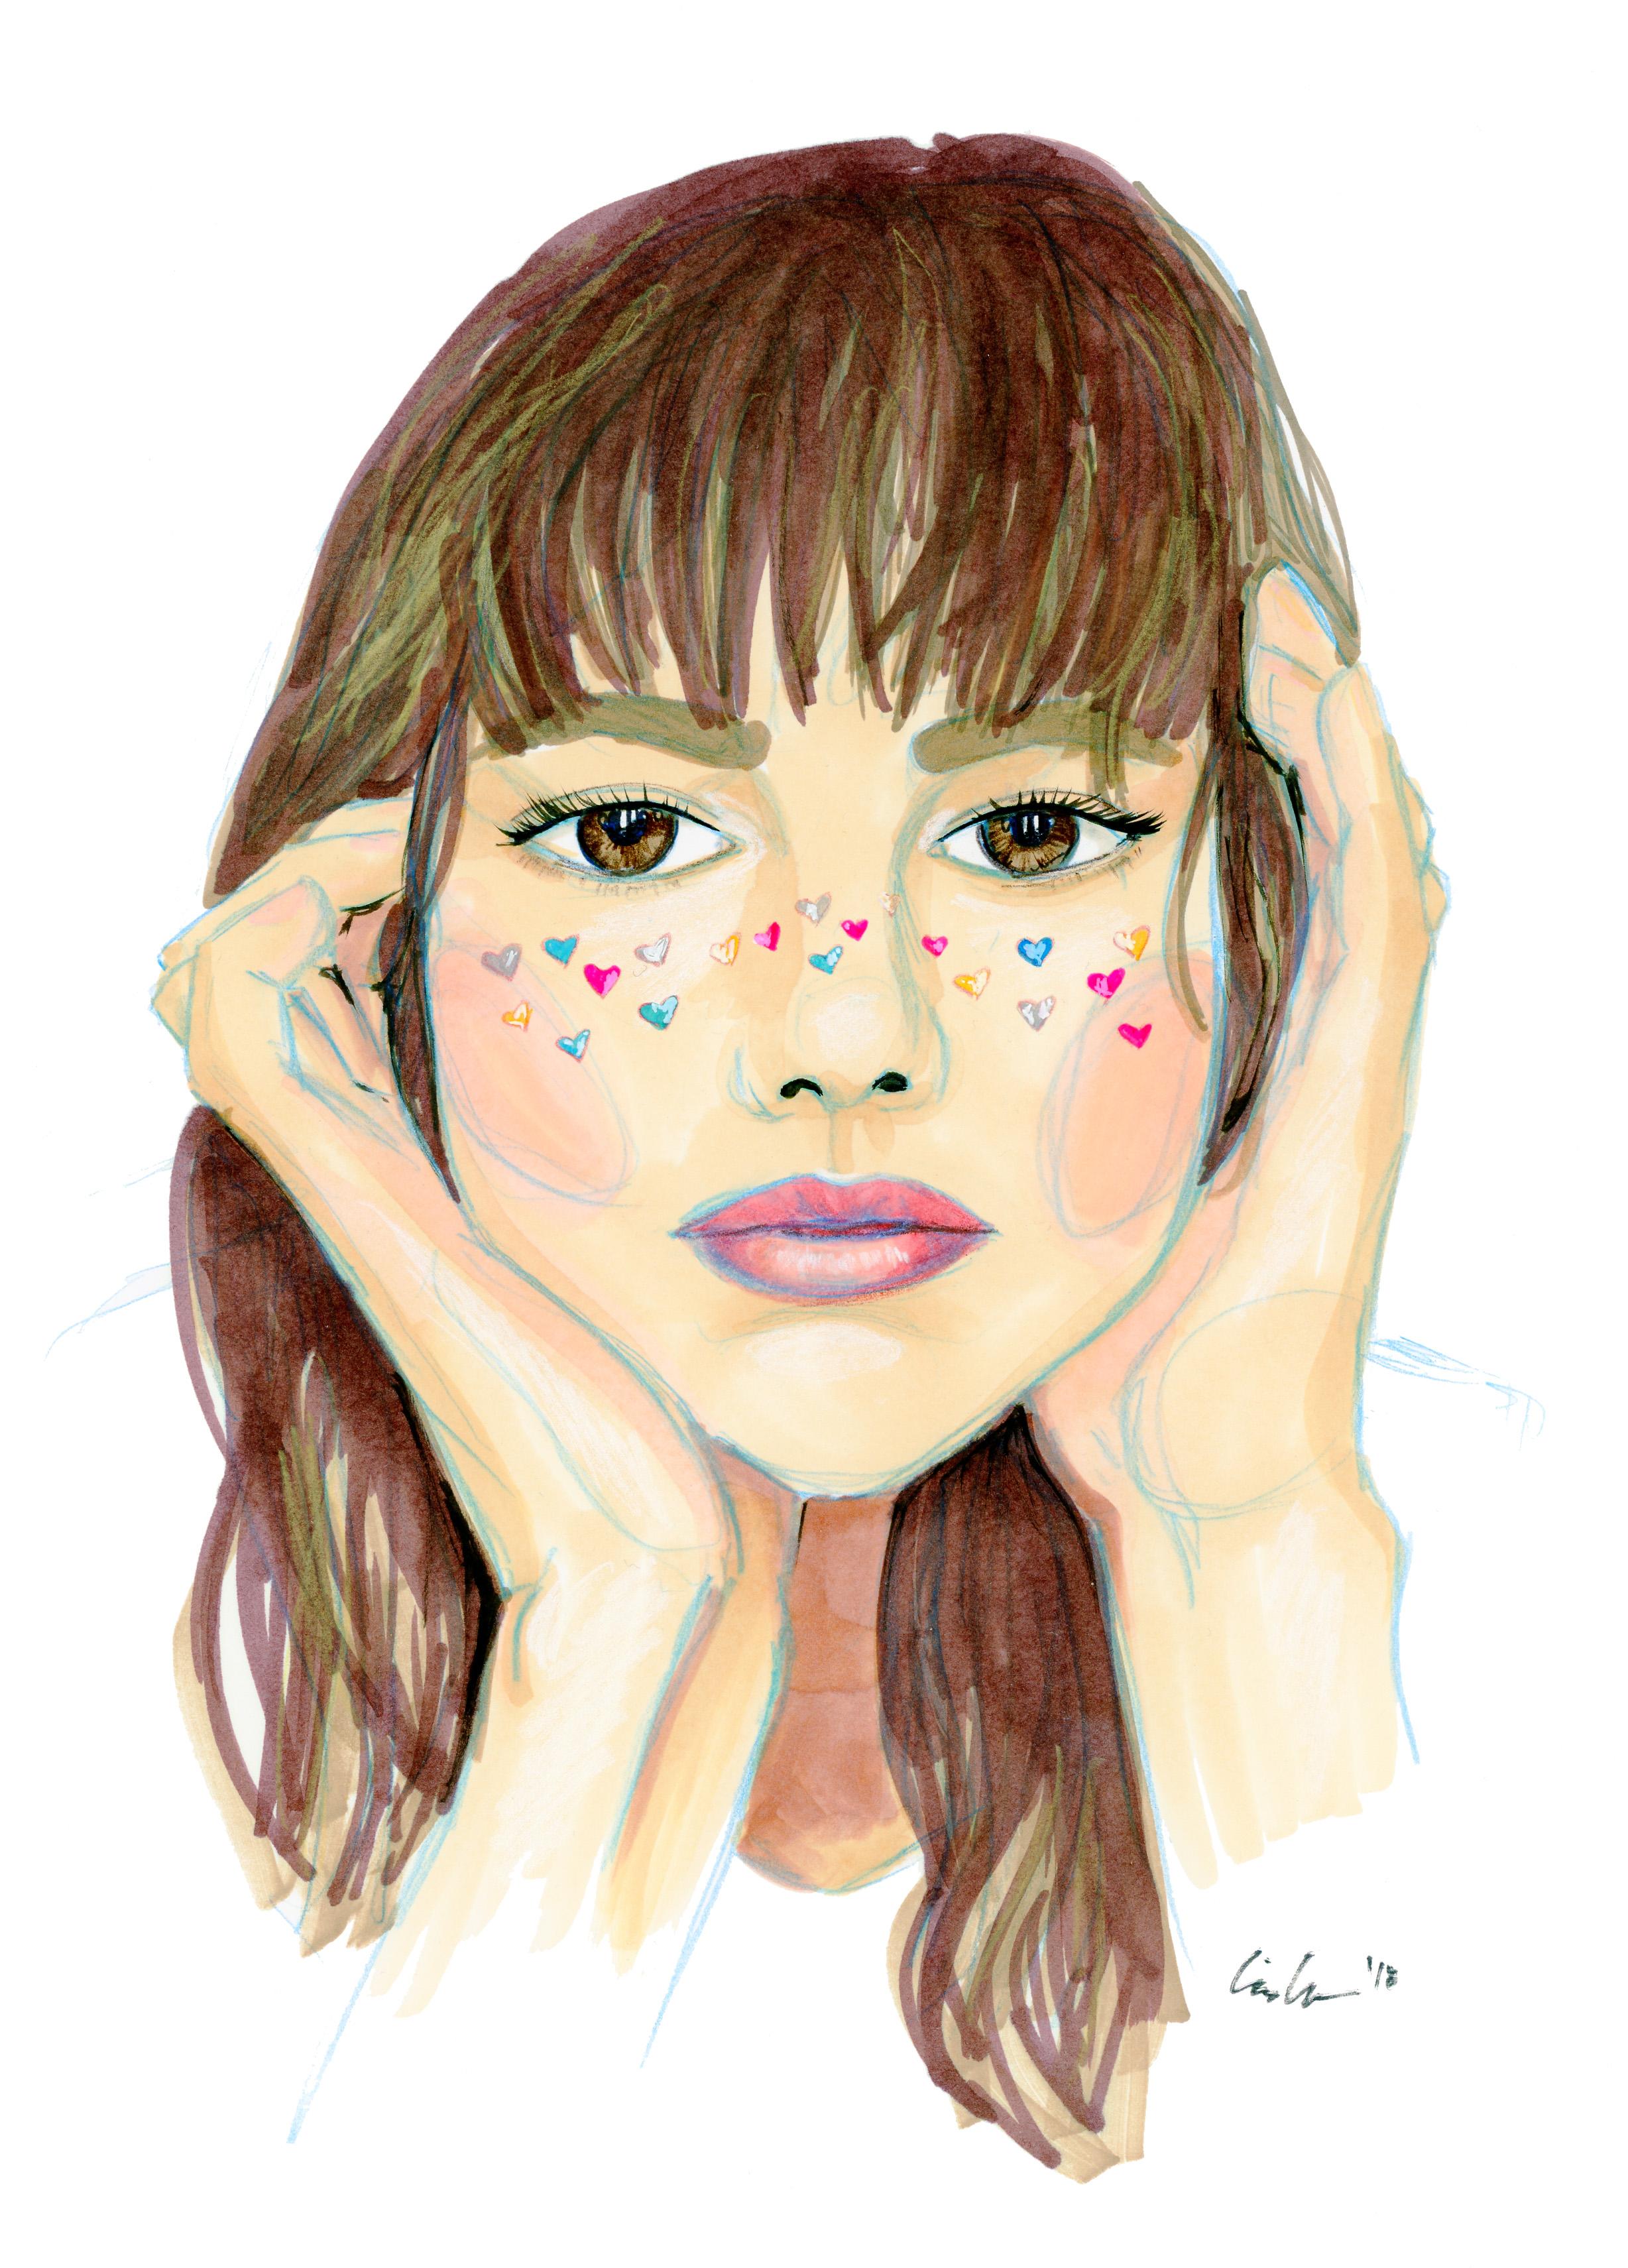 heartface001.jpg